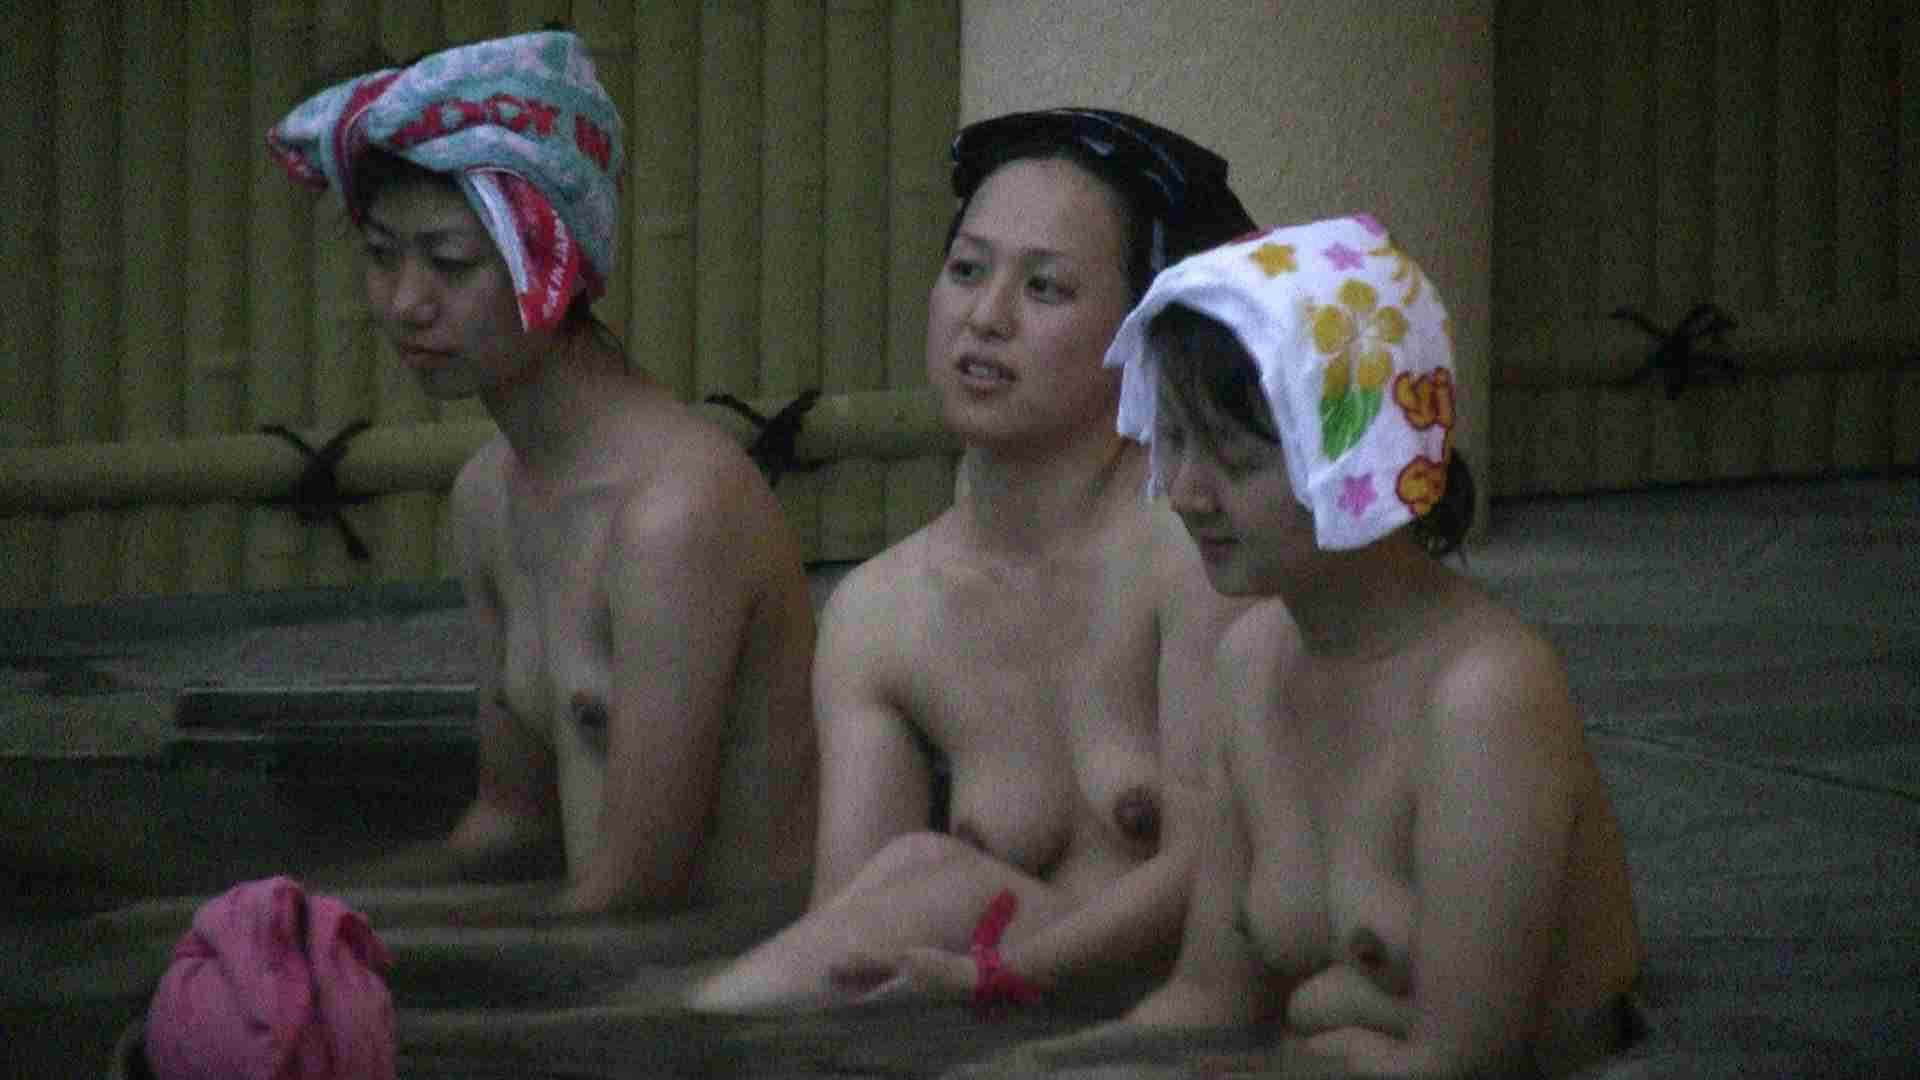 Aquaな露天風呂Vol.149 美しいOLの裸体 | 盗撮師作品  101pic 4